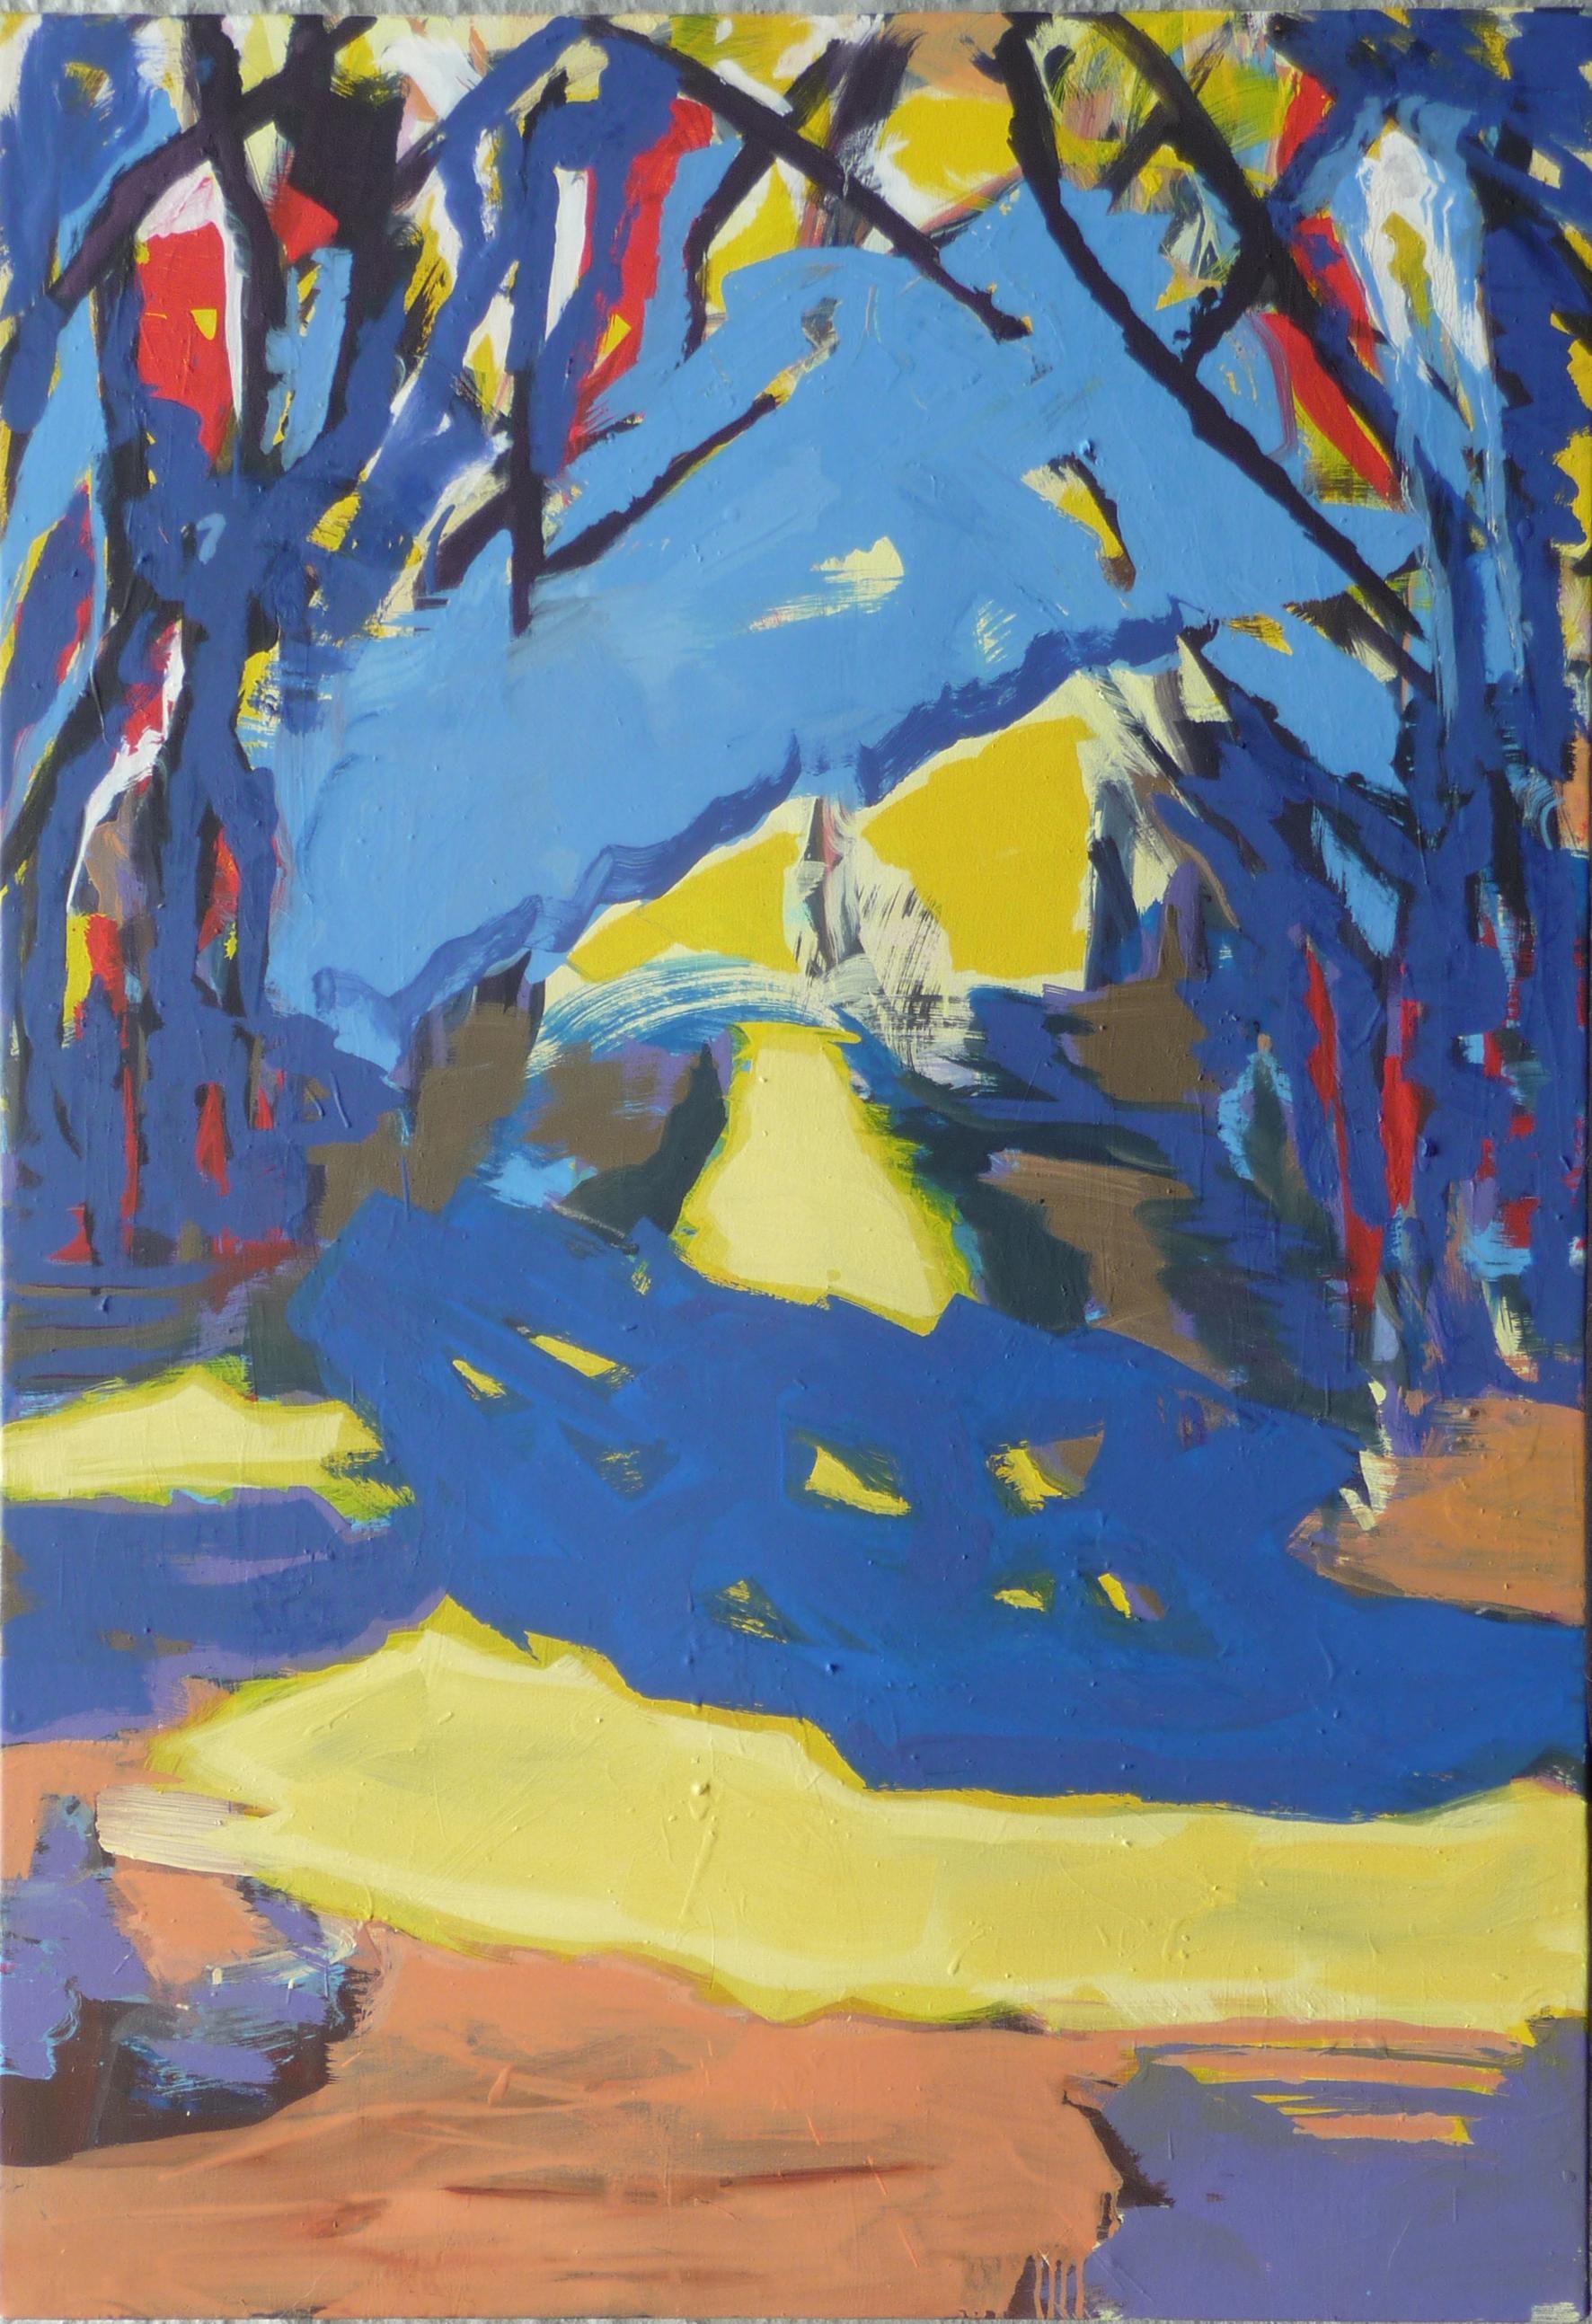 Schatten, oil on canvas, 90 x 130 cm